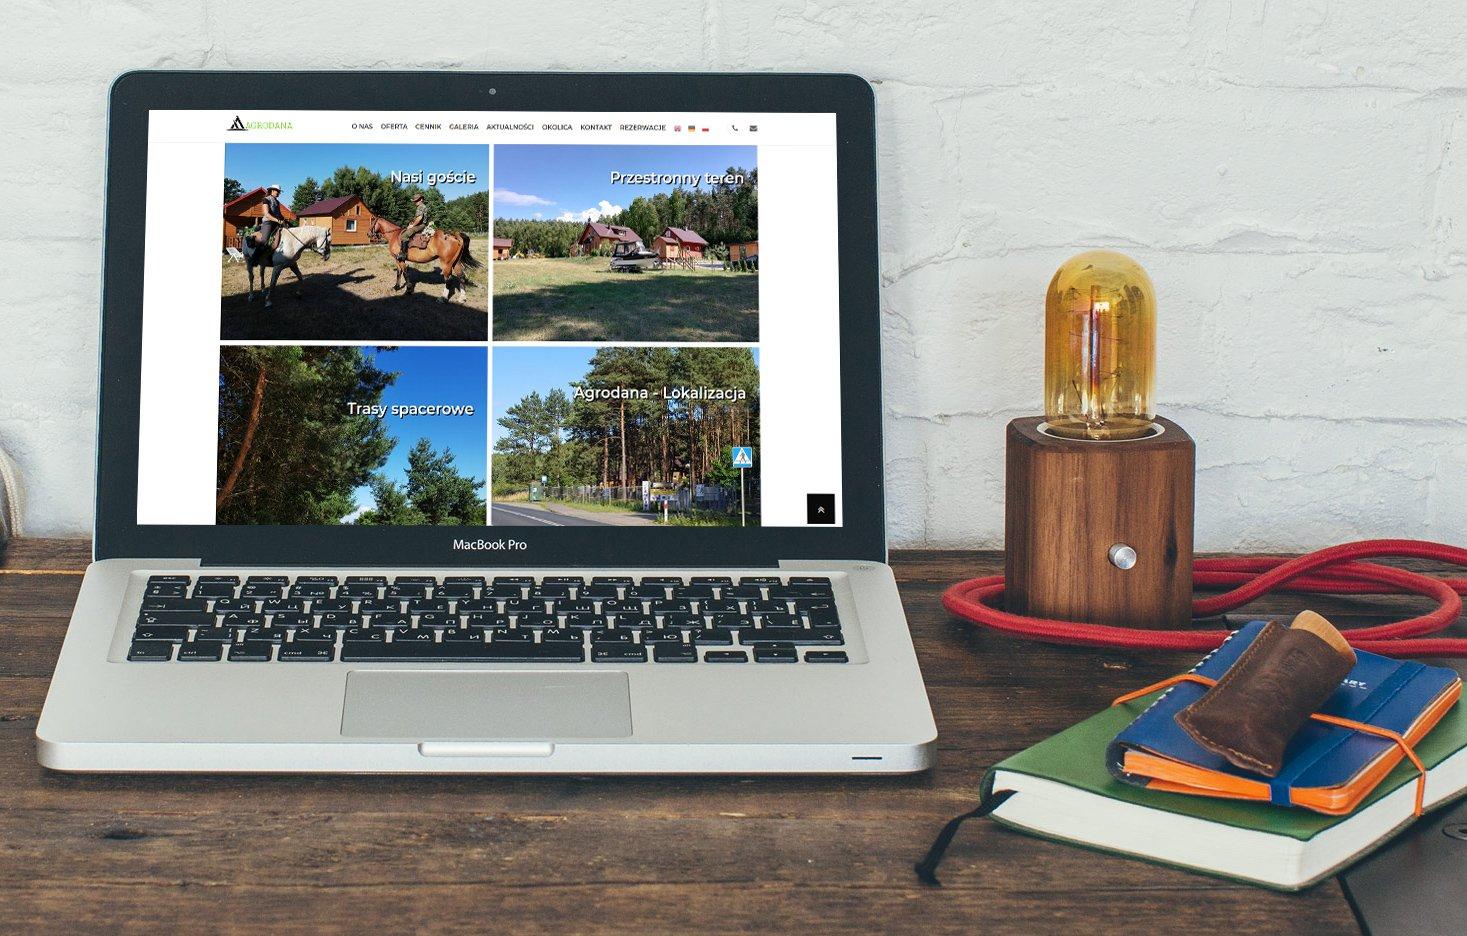 projektowanie stron internetowych agrodana.pl by siplex - Zdjęcie 7